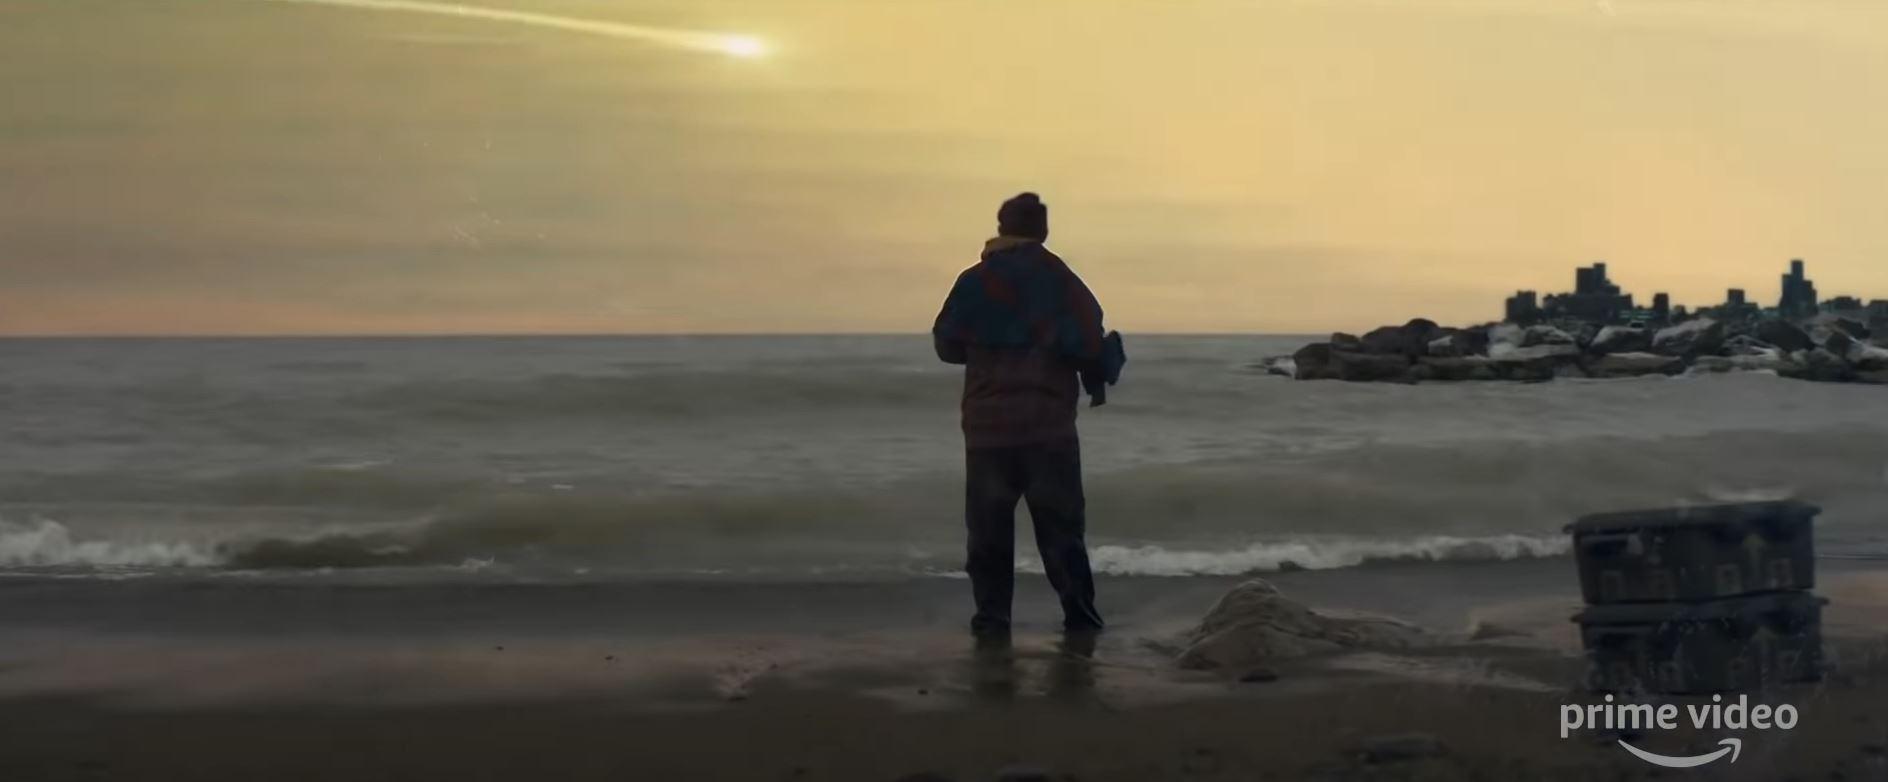 «Пространство» (The Expanse): первый трейлер пятого сезона